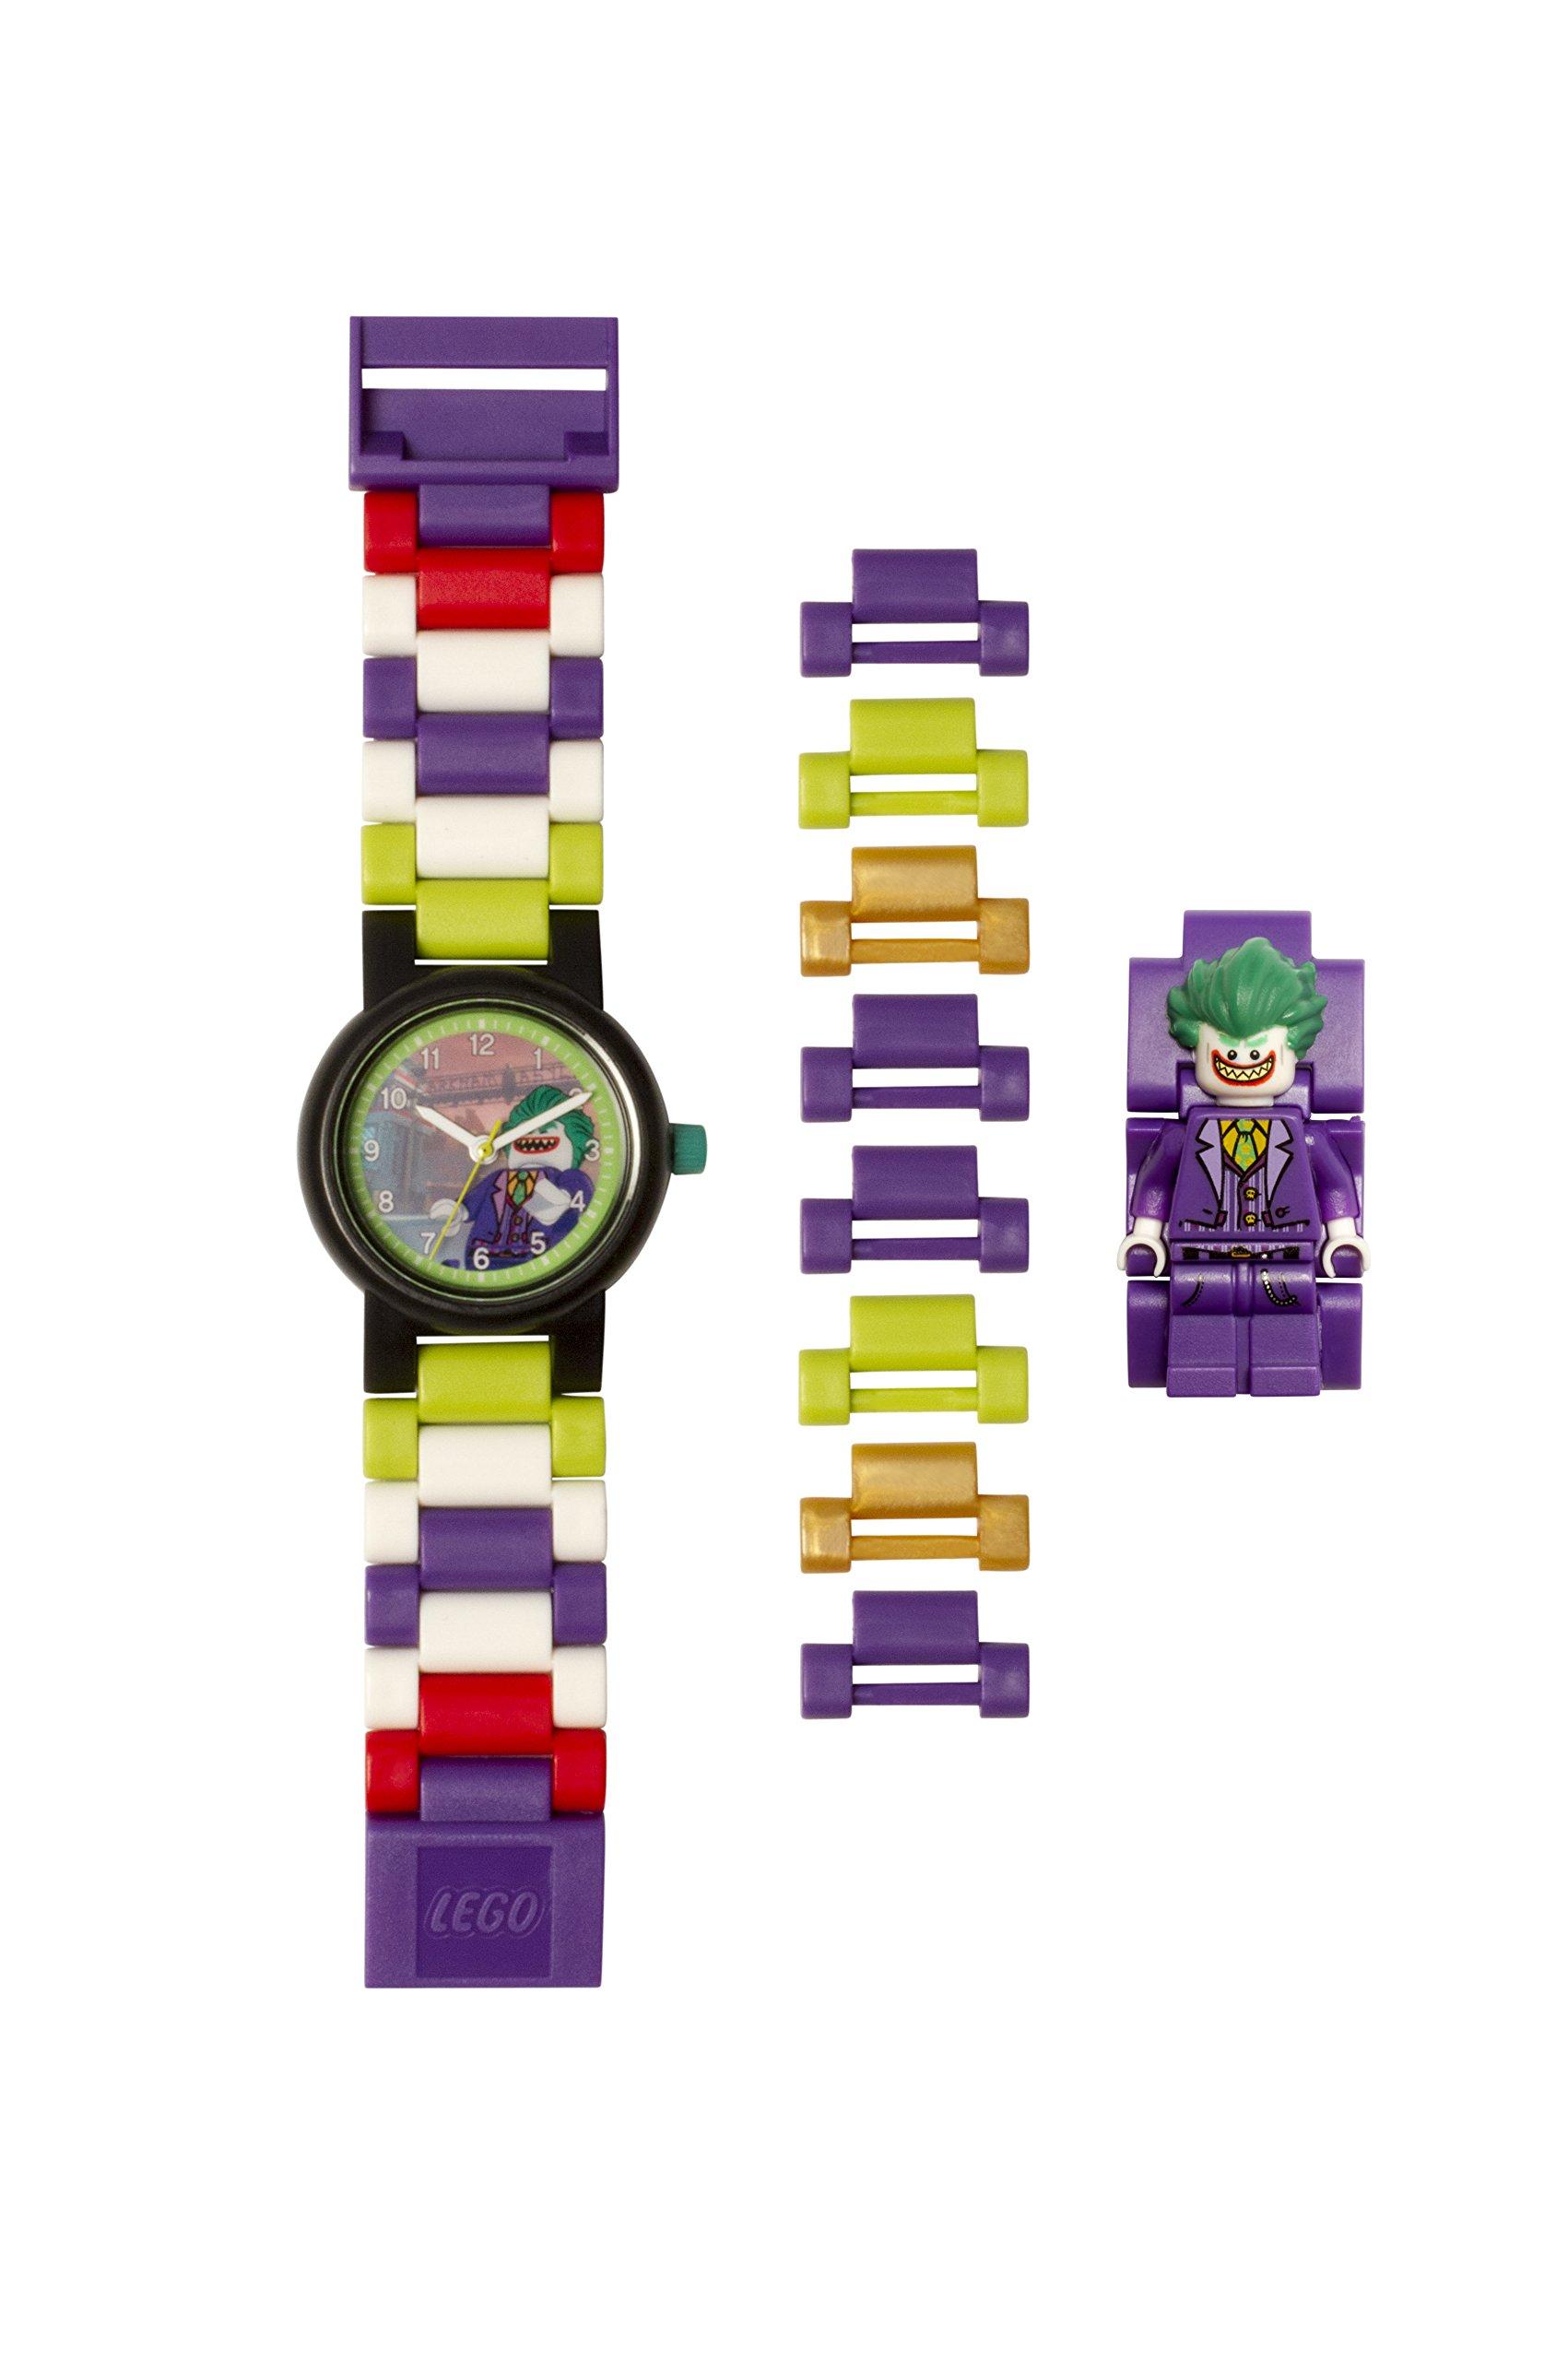 LEGO 8020851 Batman Movie The Joker Minifigure Link Watch by LEGO